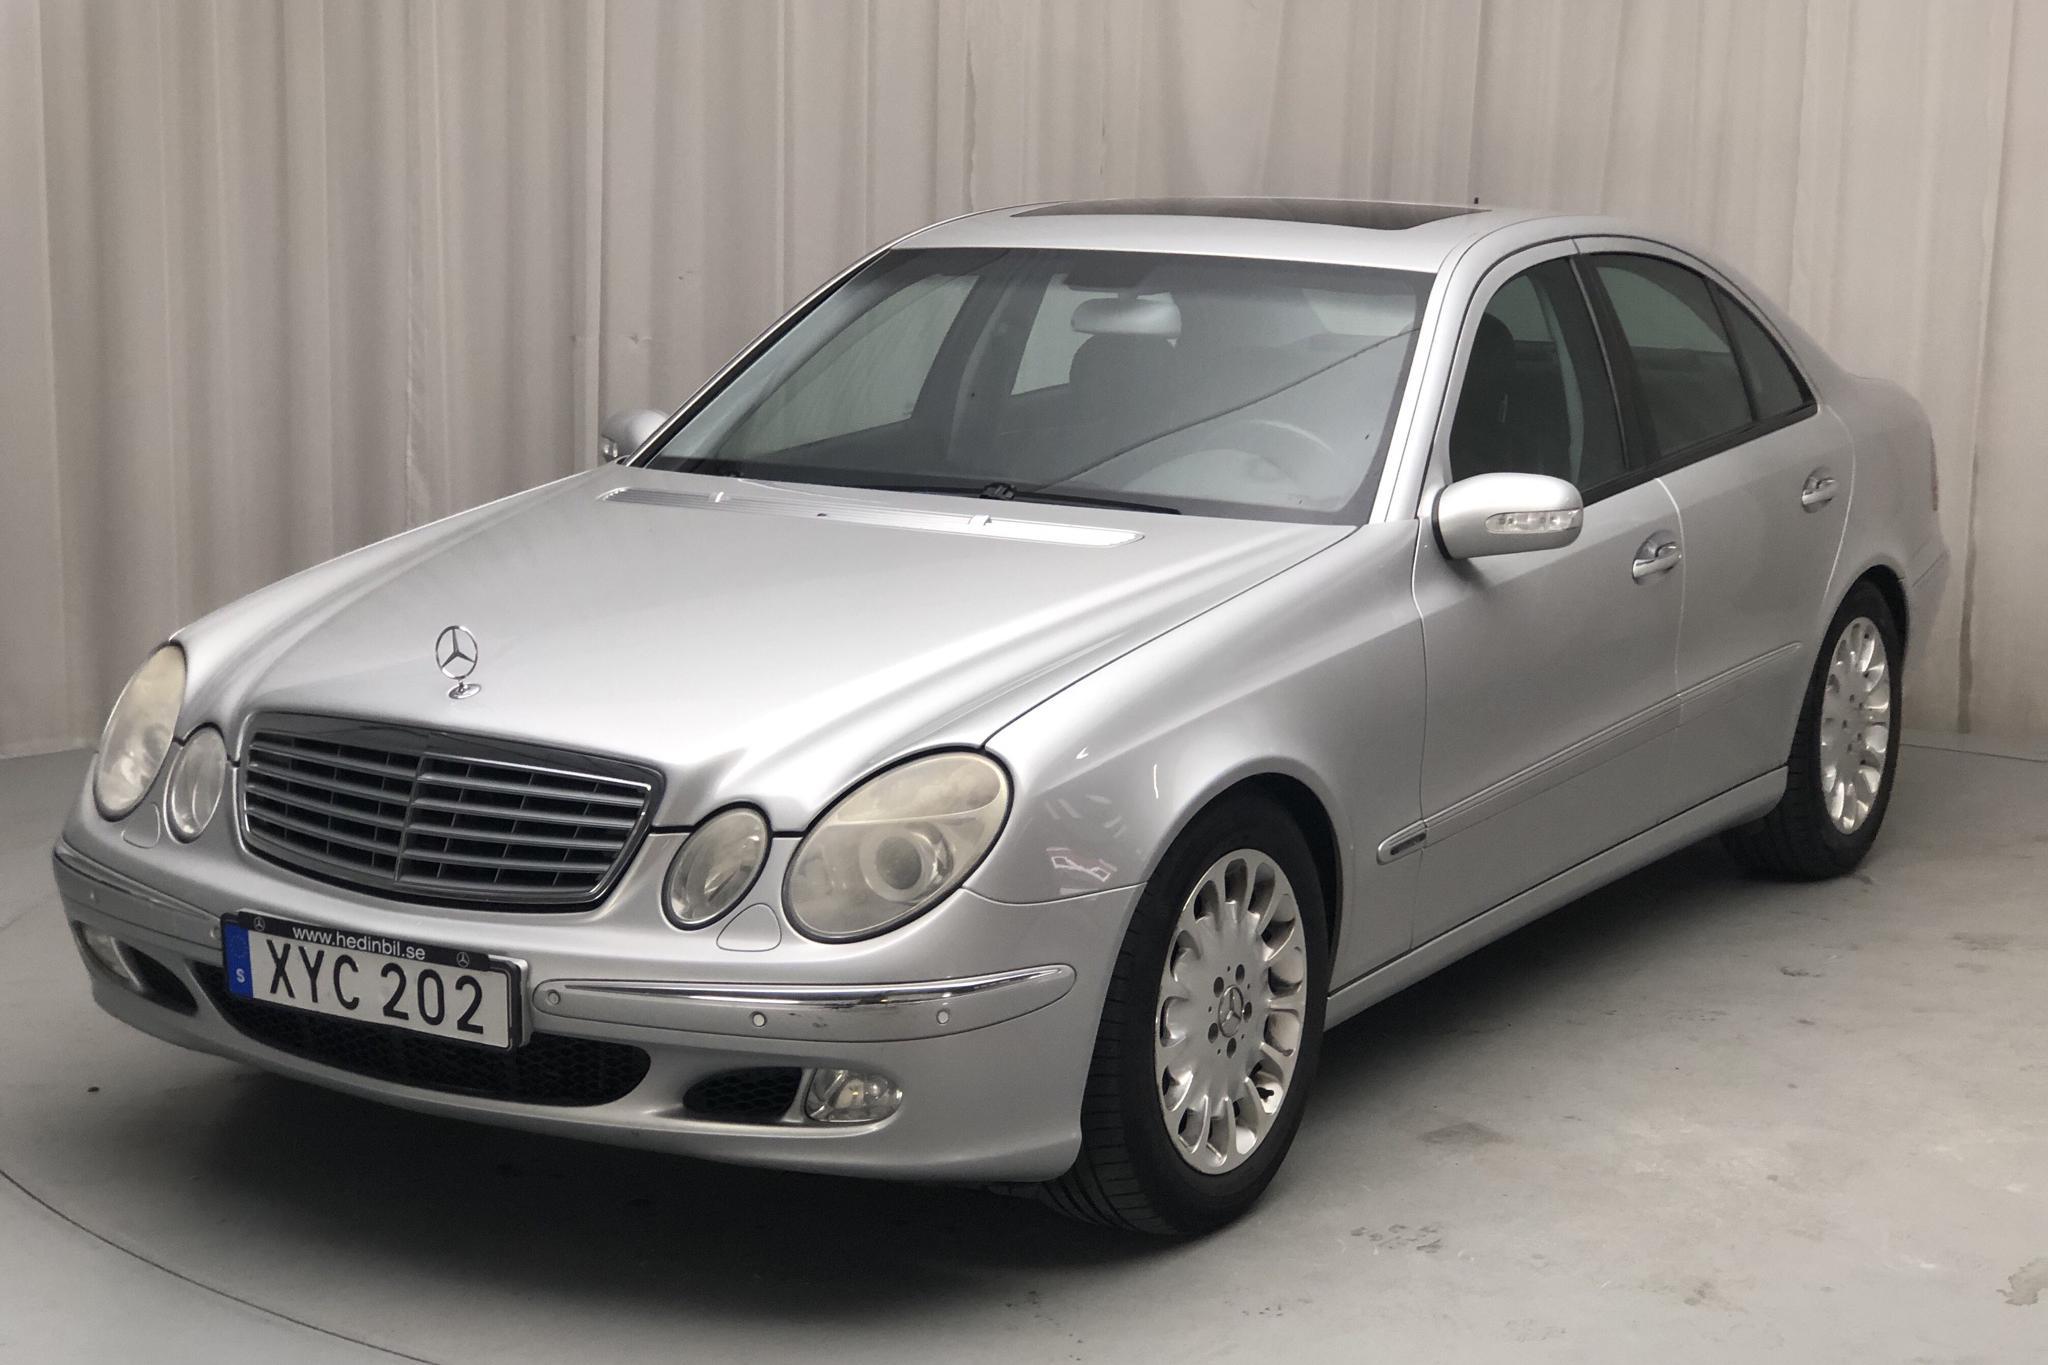 Mercedes E 500 W211 (306hk) - 265 060 km - Automatic - silver - 2002